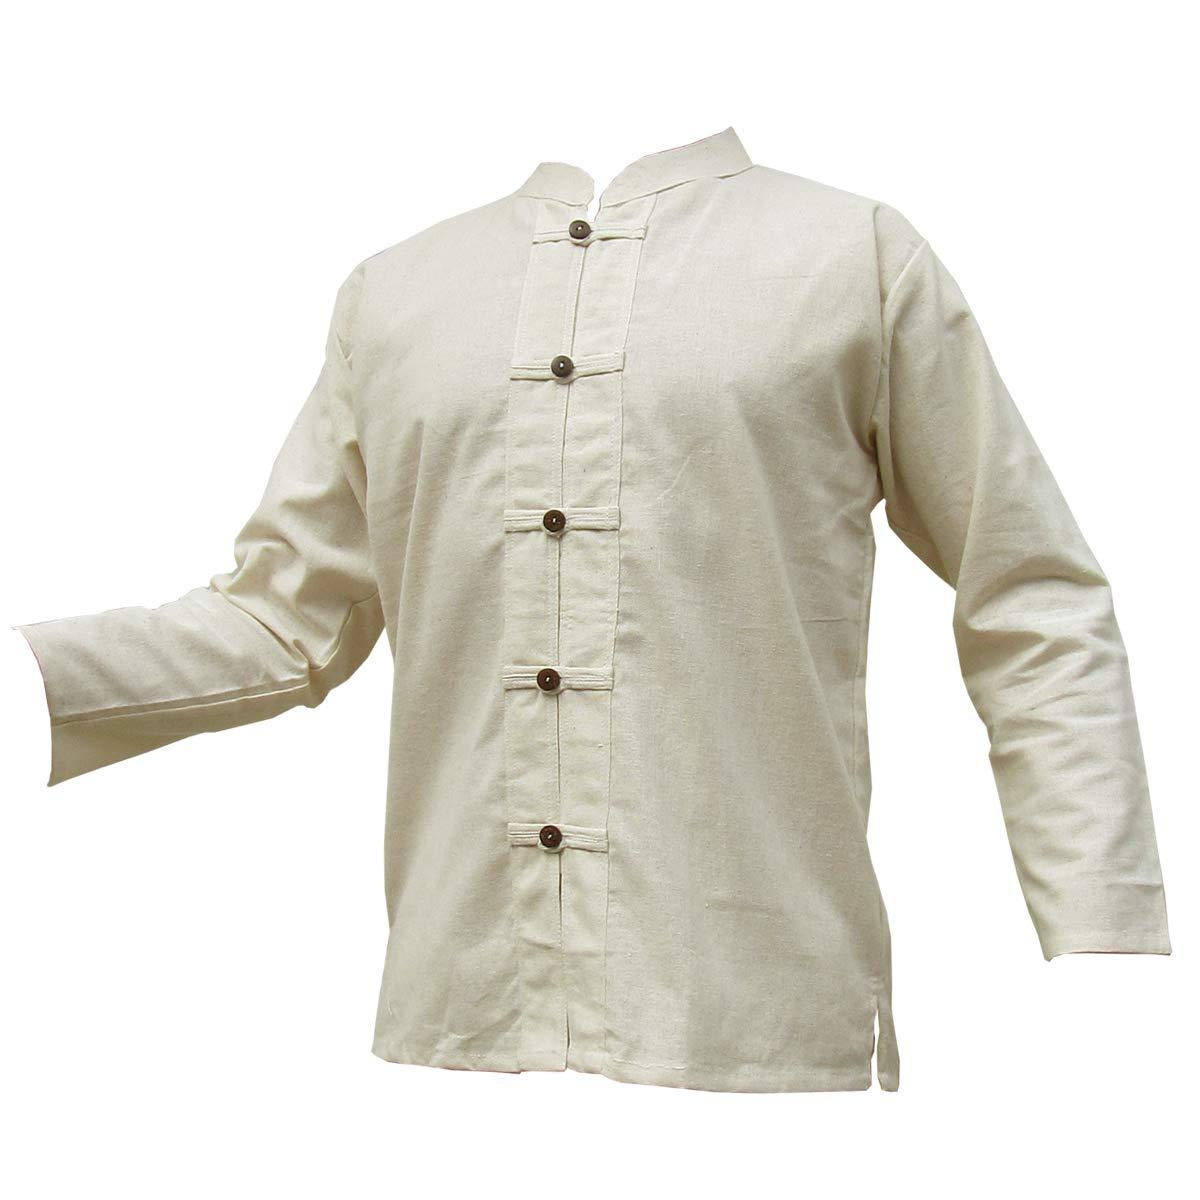 TALLA L. Panasiam® - camisas y pantalones Naturales, 100% algodón no tratado, tallas de la S a la L (es necesario que compres una talla más grande de lo habitual)